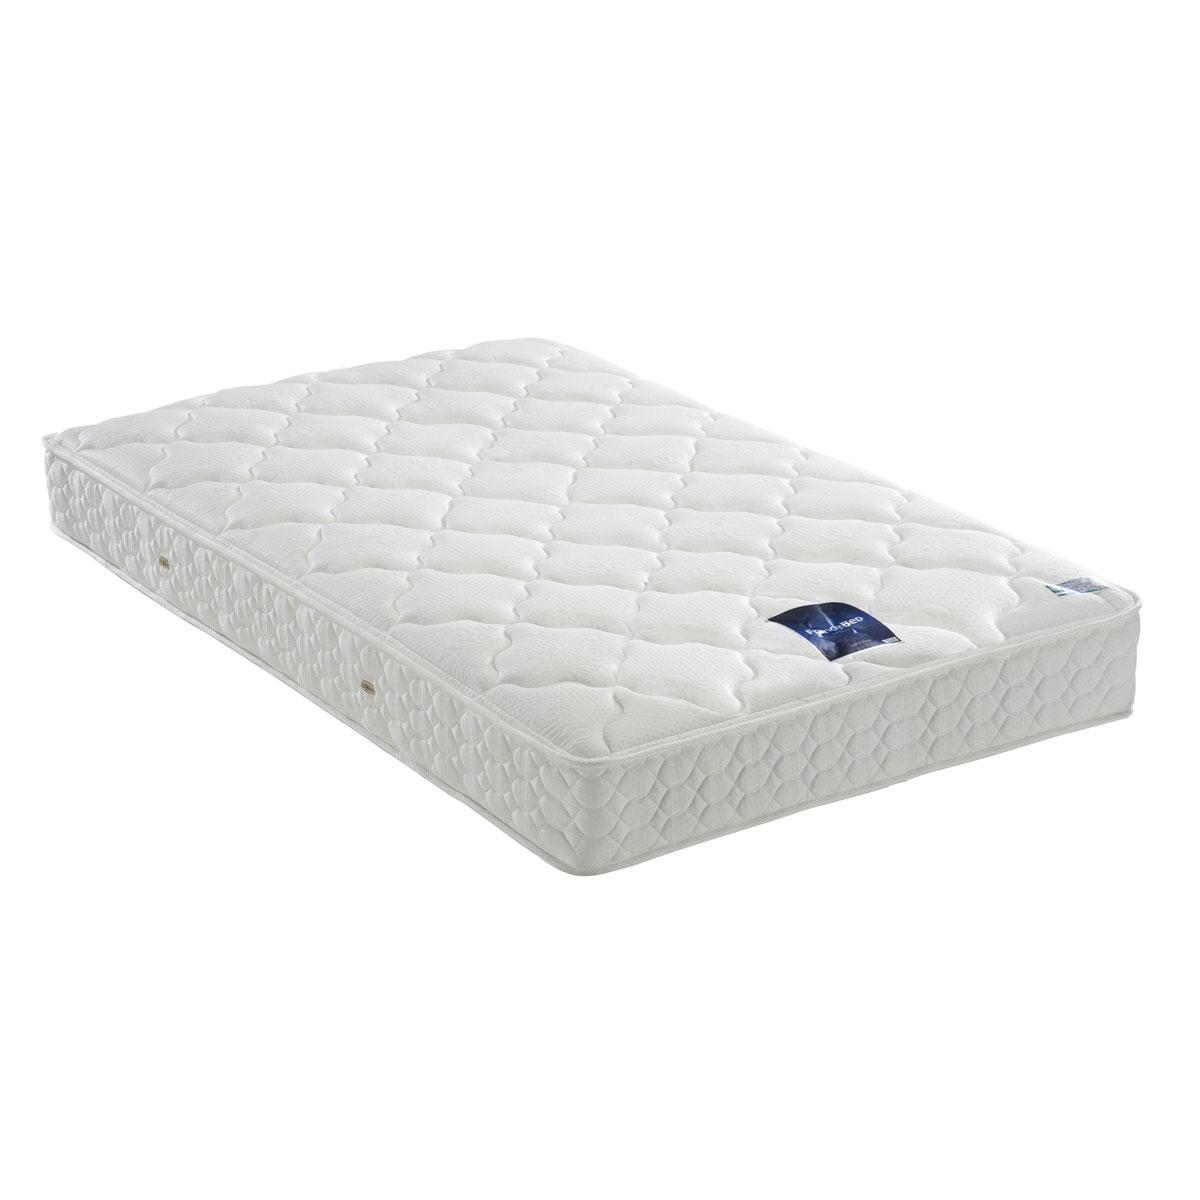 フランスベッド マットレス ホワイト色 ダブル LT-300Nロングサイズ(ミディアム) 39789300